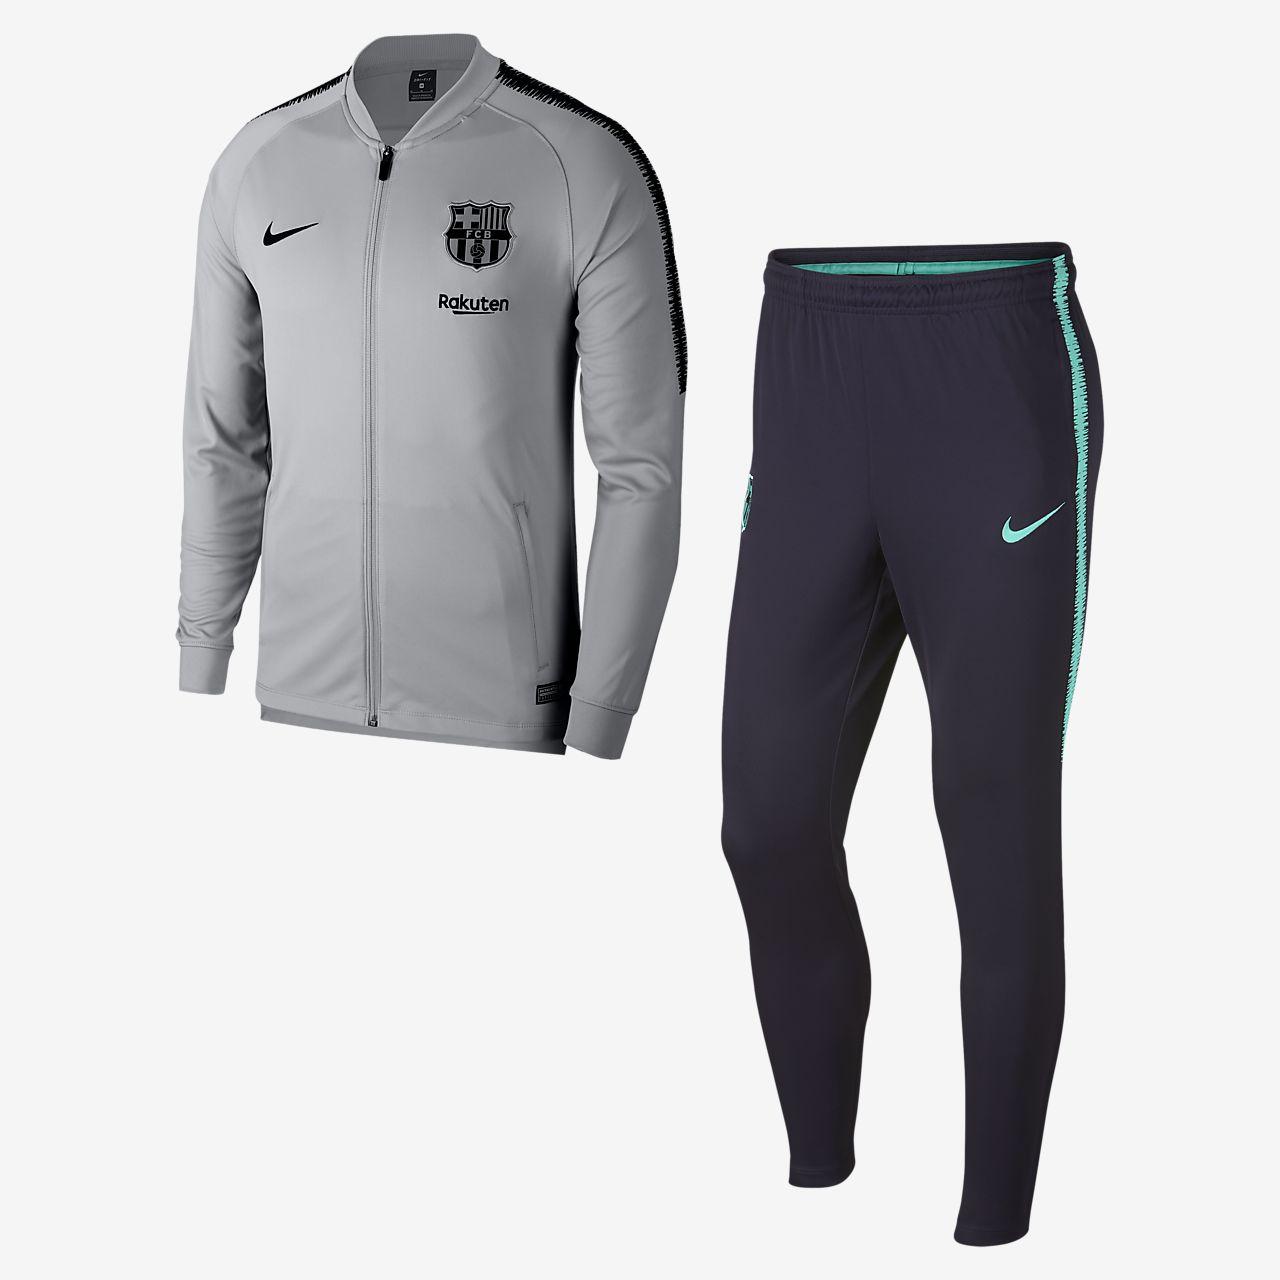 FC Barcelona Dri-FIT Squad Chándal de fútbol - Hombre. Nike.com ES 48c9c20c574